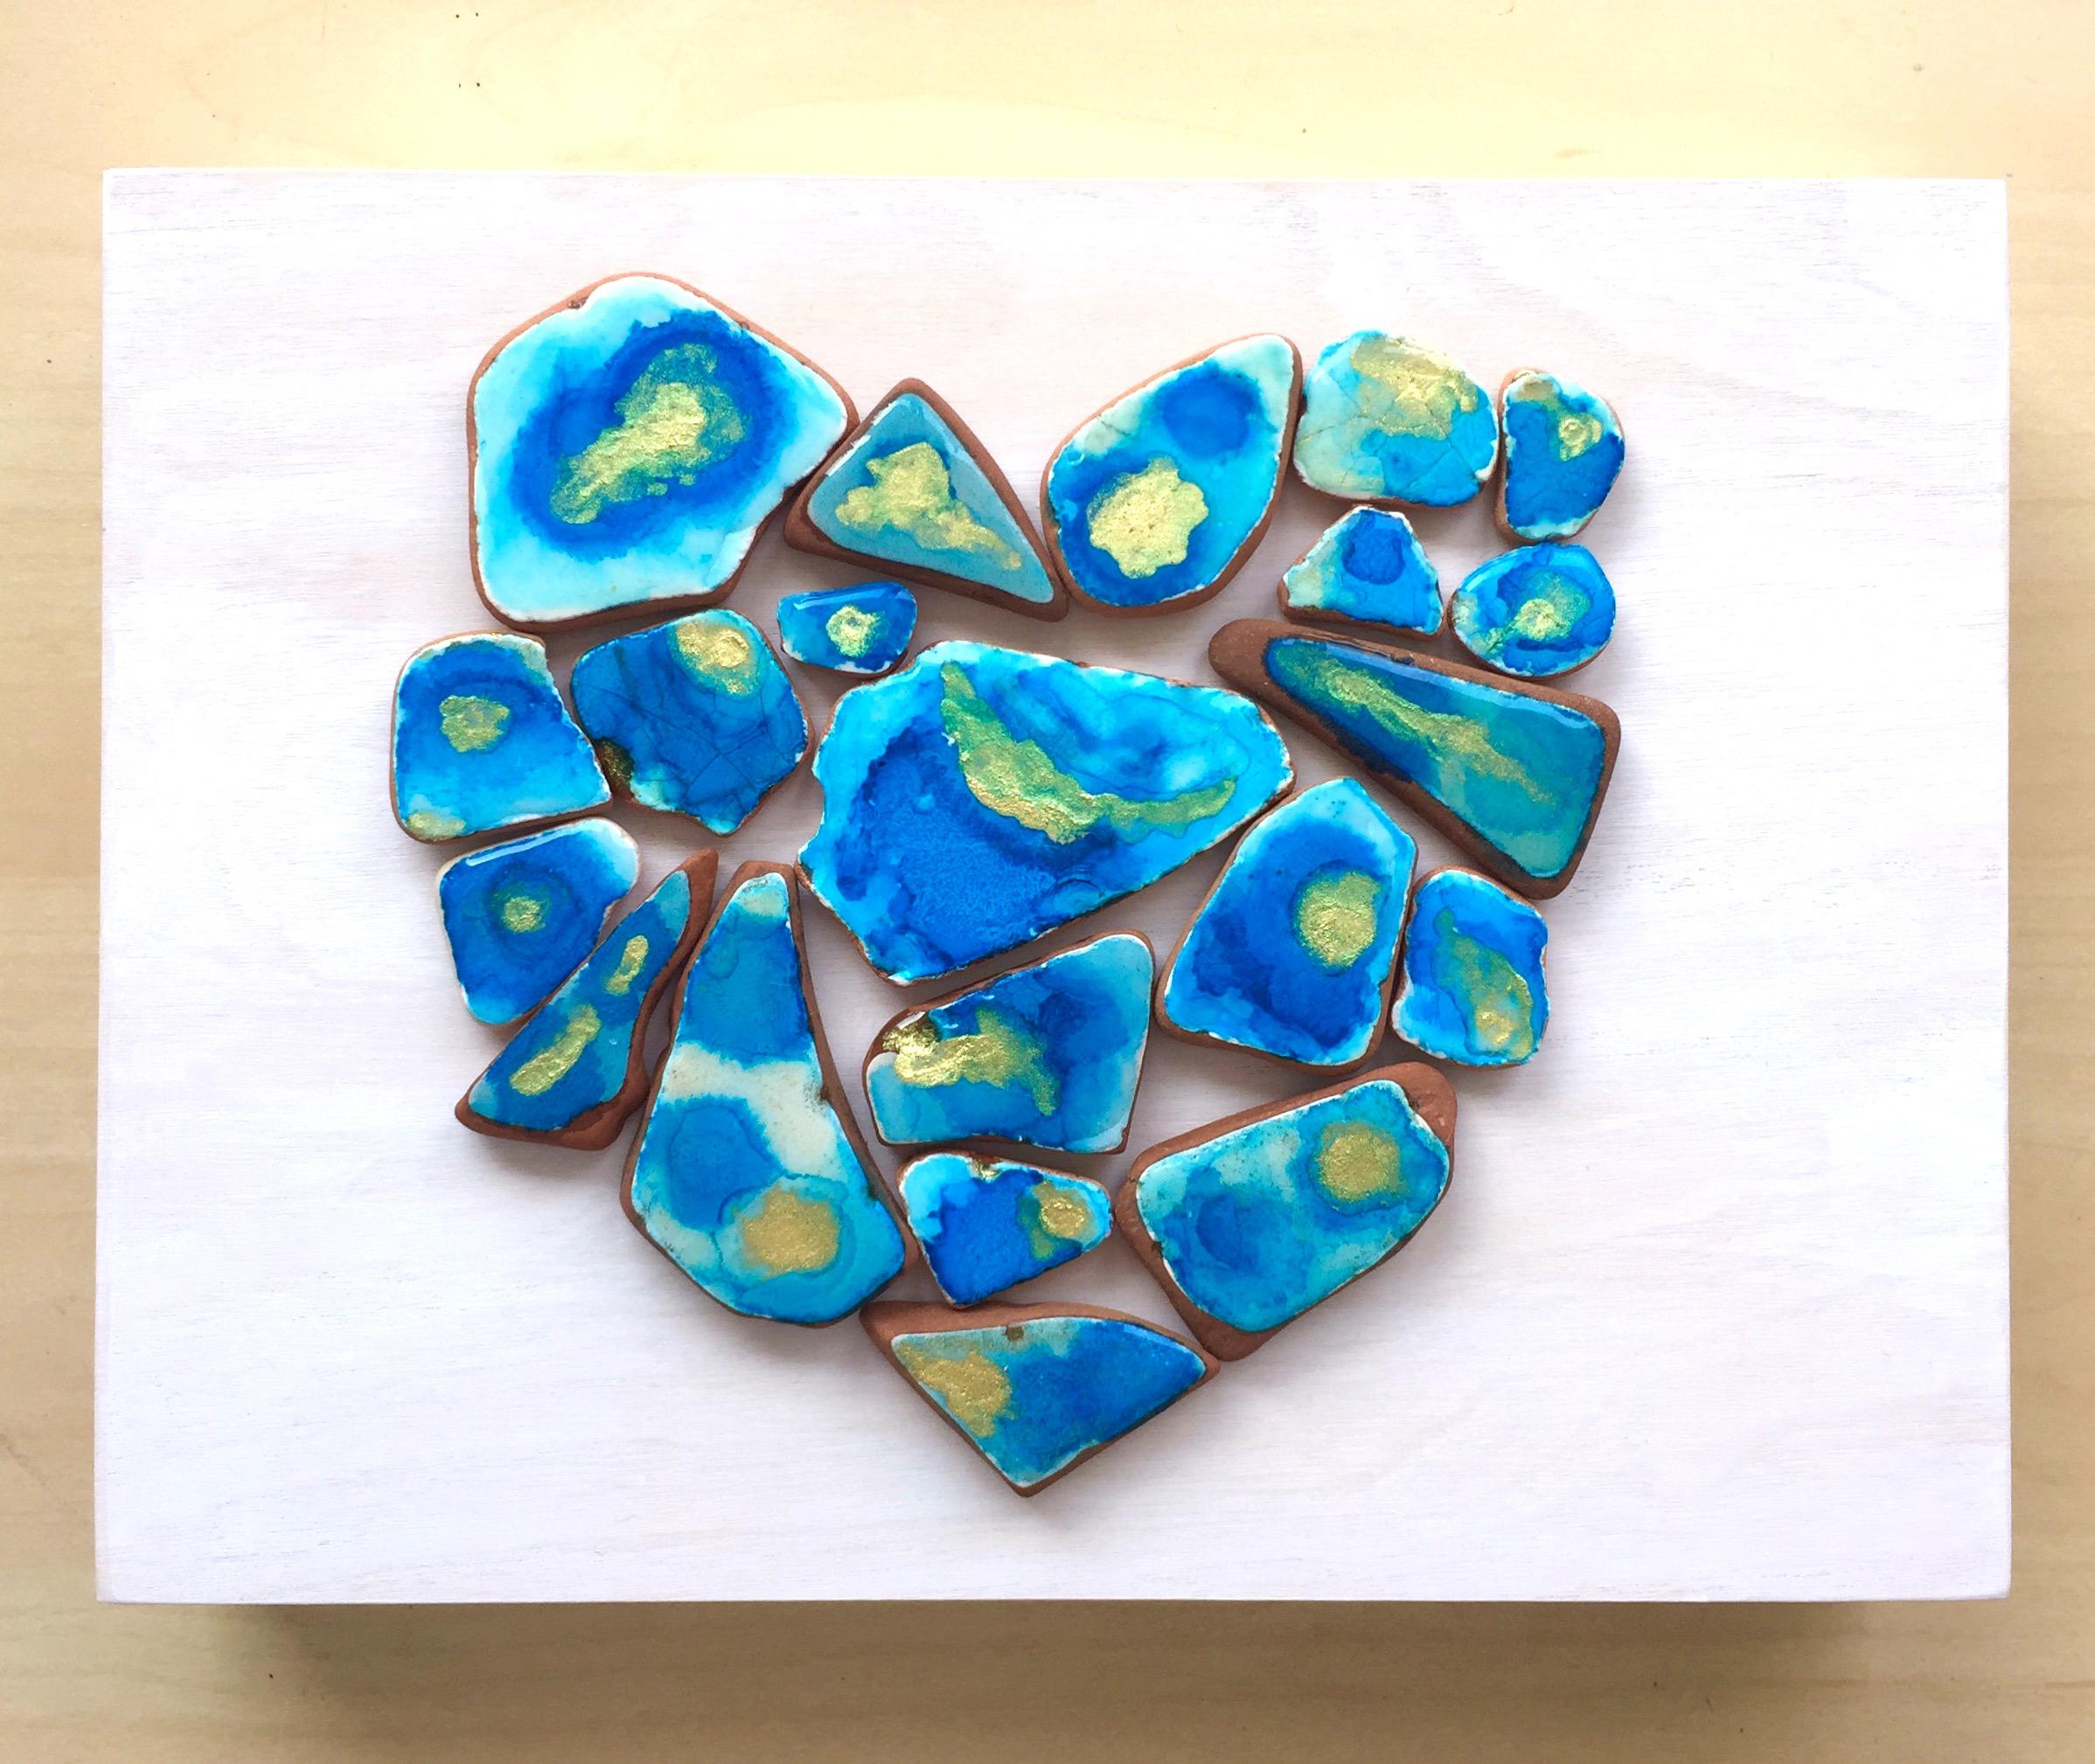 Corazón_Mosaico_editado